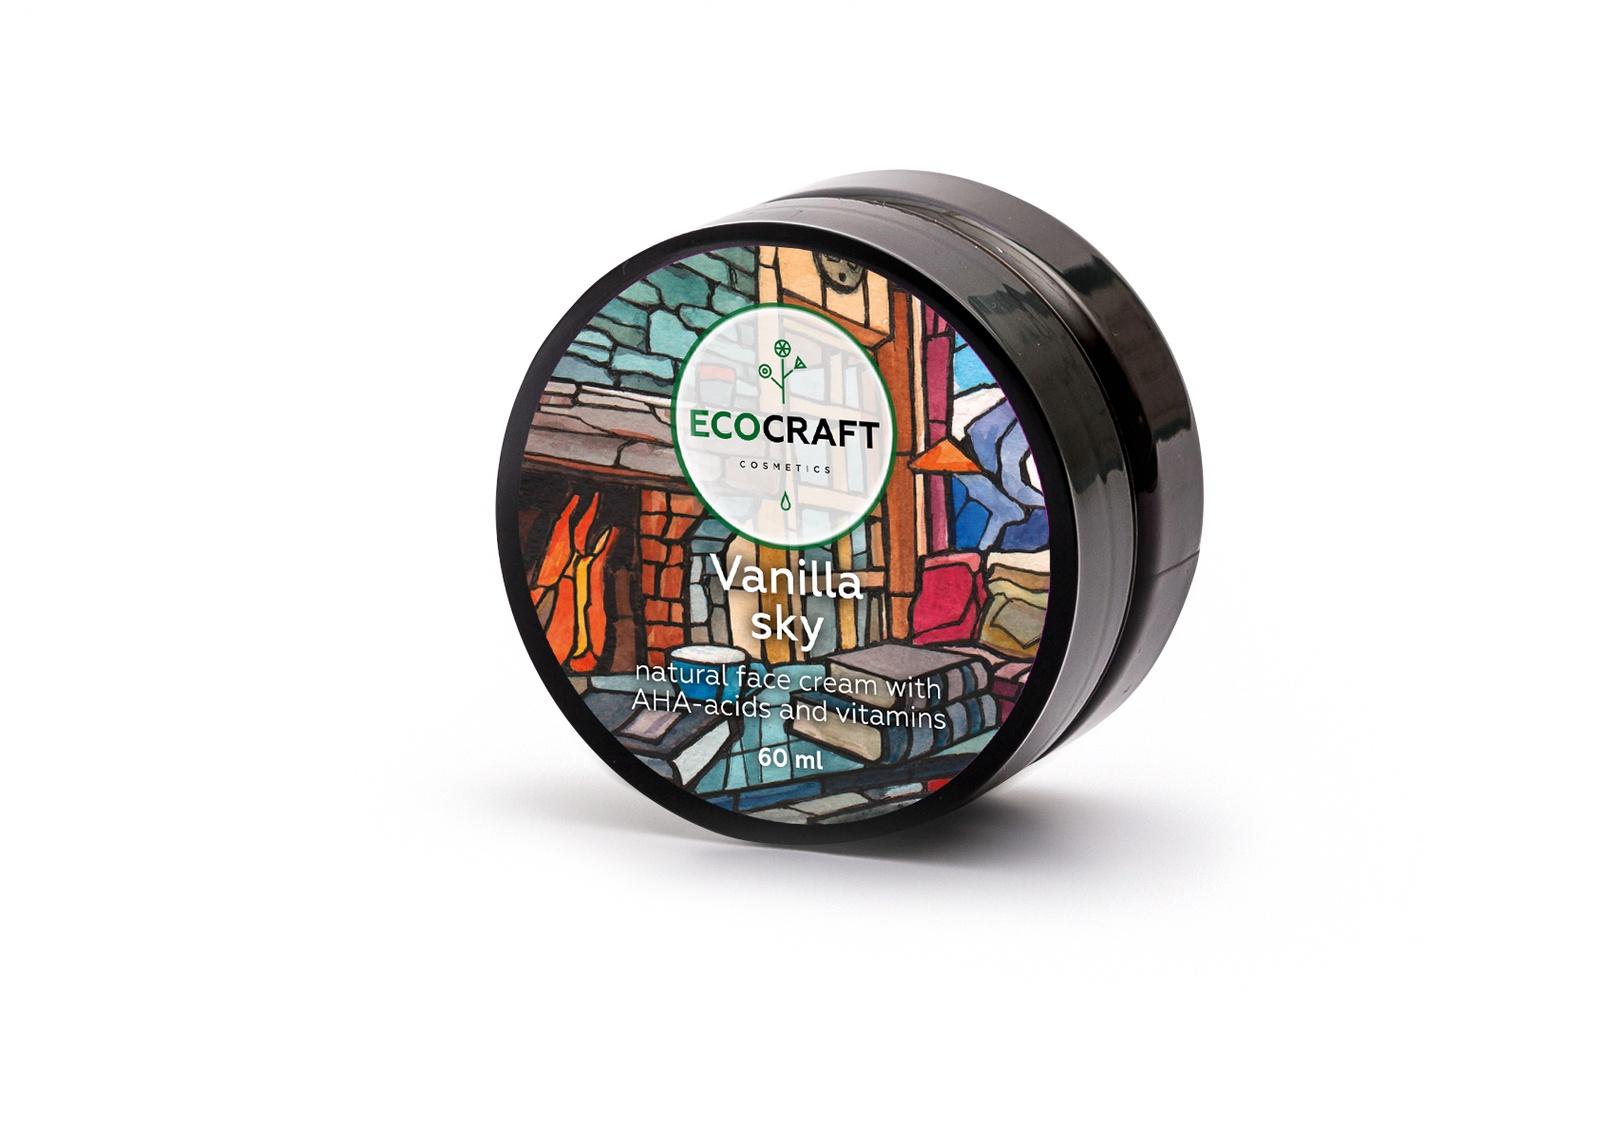 Крем для ухода за кожей ECOCRAFT Cosmetics лица с витаминами и АНА-кислотами с лифтинг-эффектом